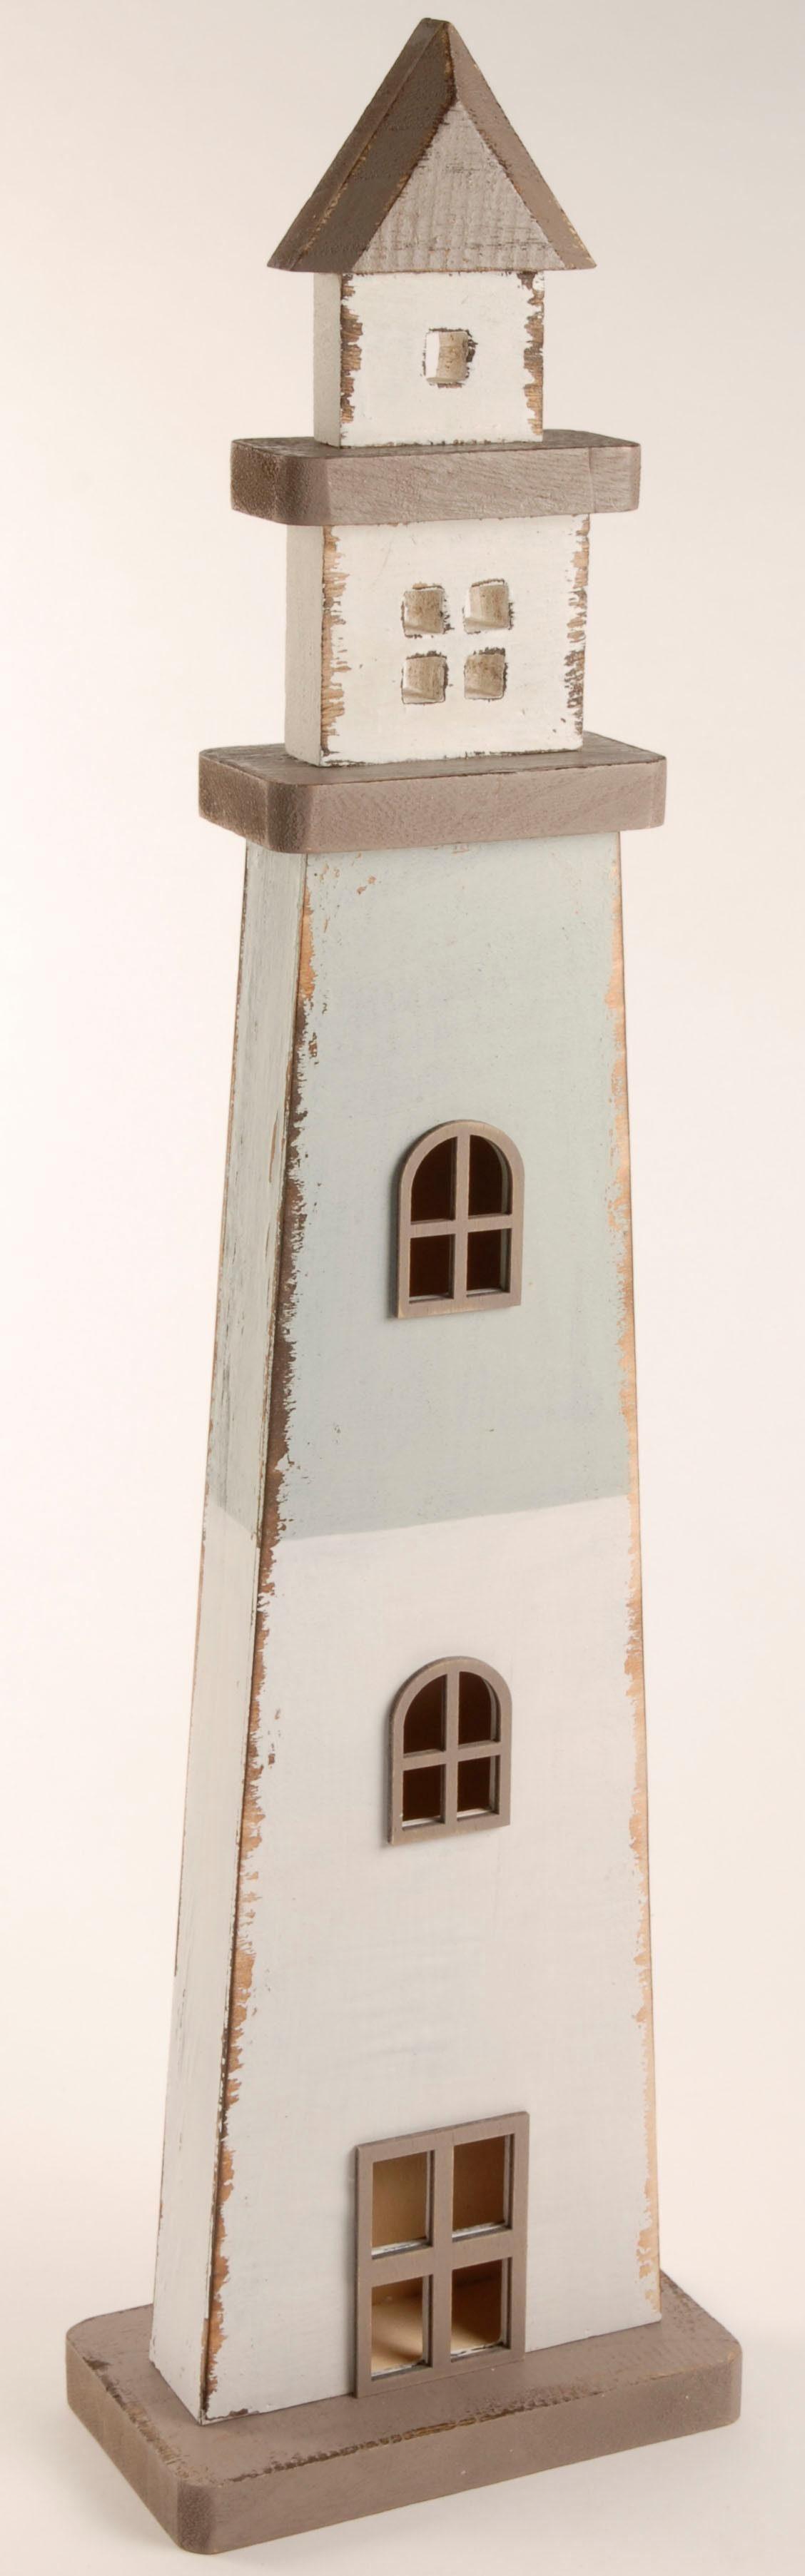 Home affaire Dekoobjekt »Leuchtturm«